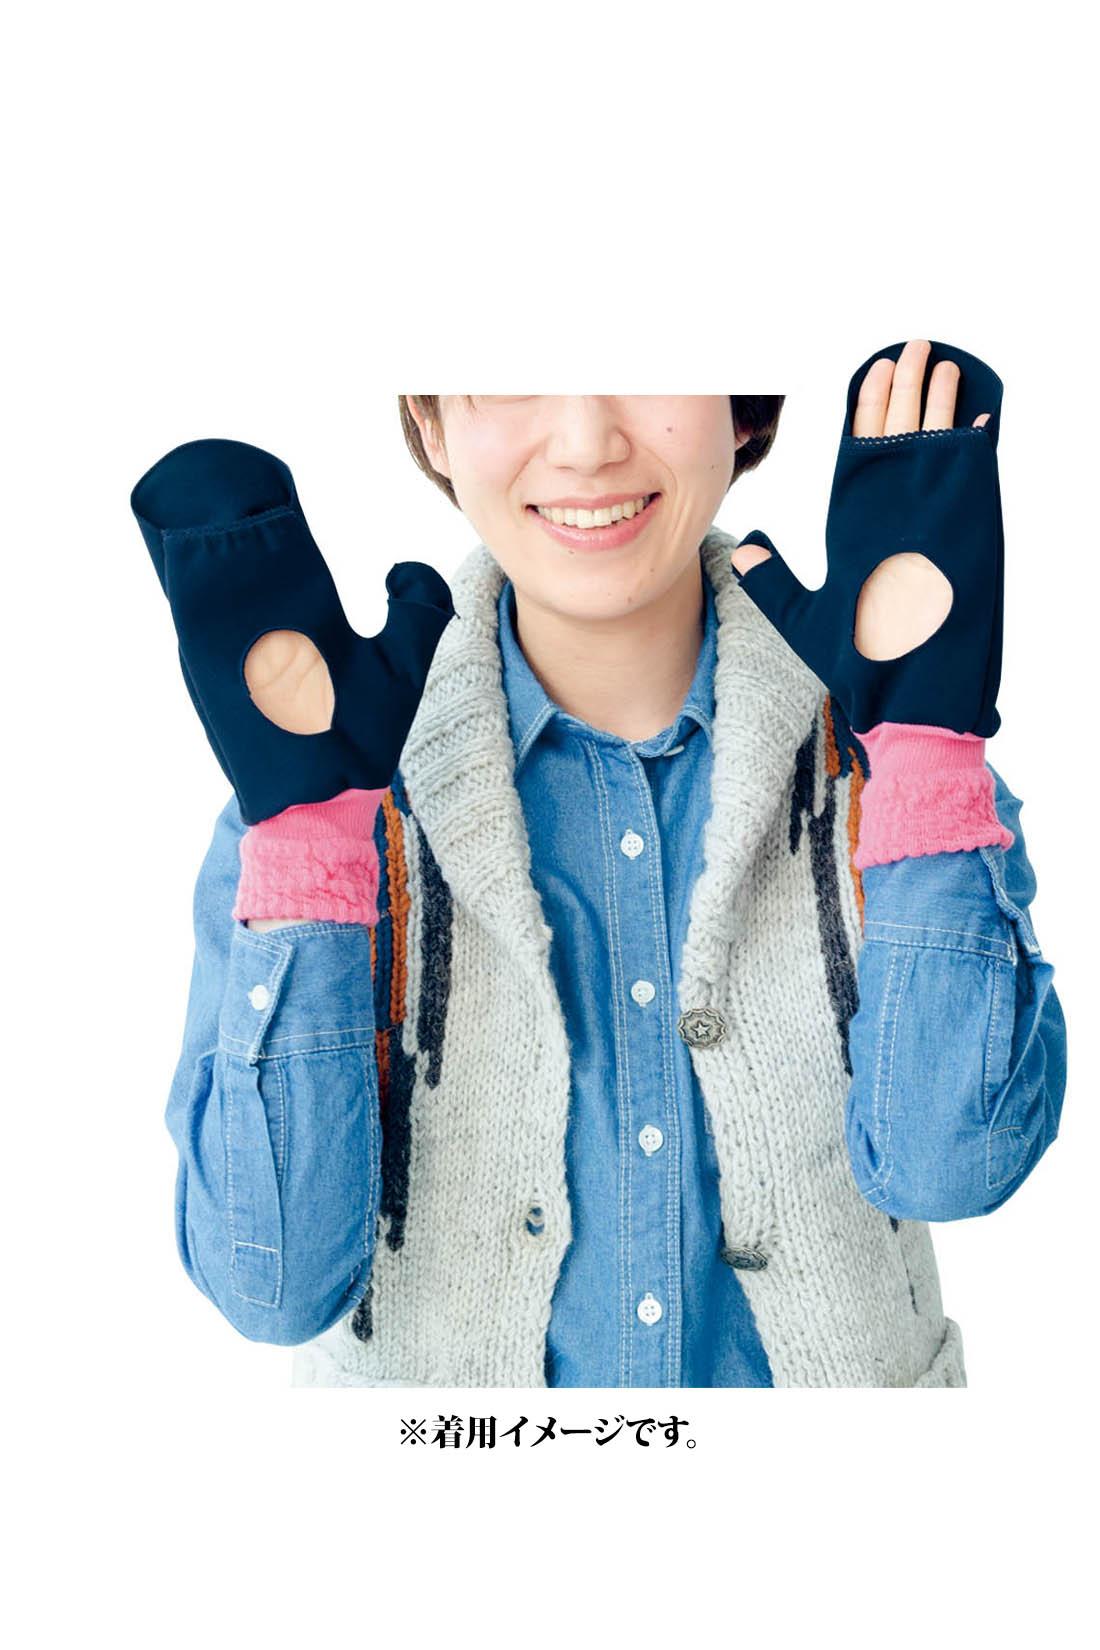 これは参考画像です。指先はすっぽりカバーすることも、出すこともできる仕様。手袋をつけたまま、スマートフォンもスイスイ。